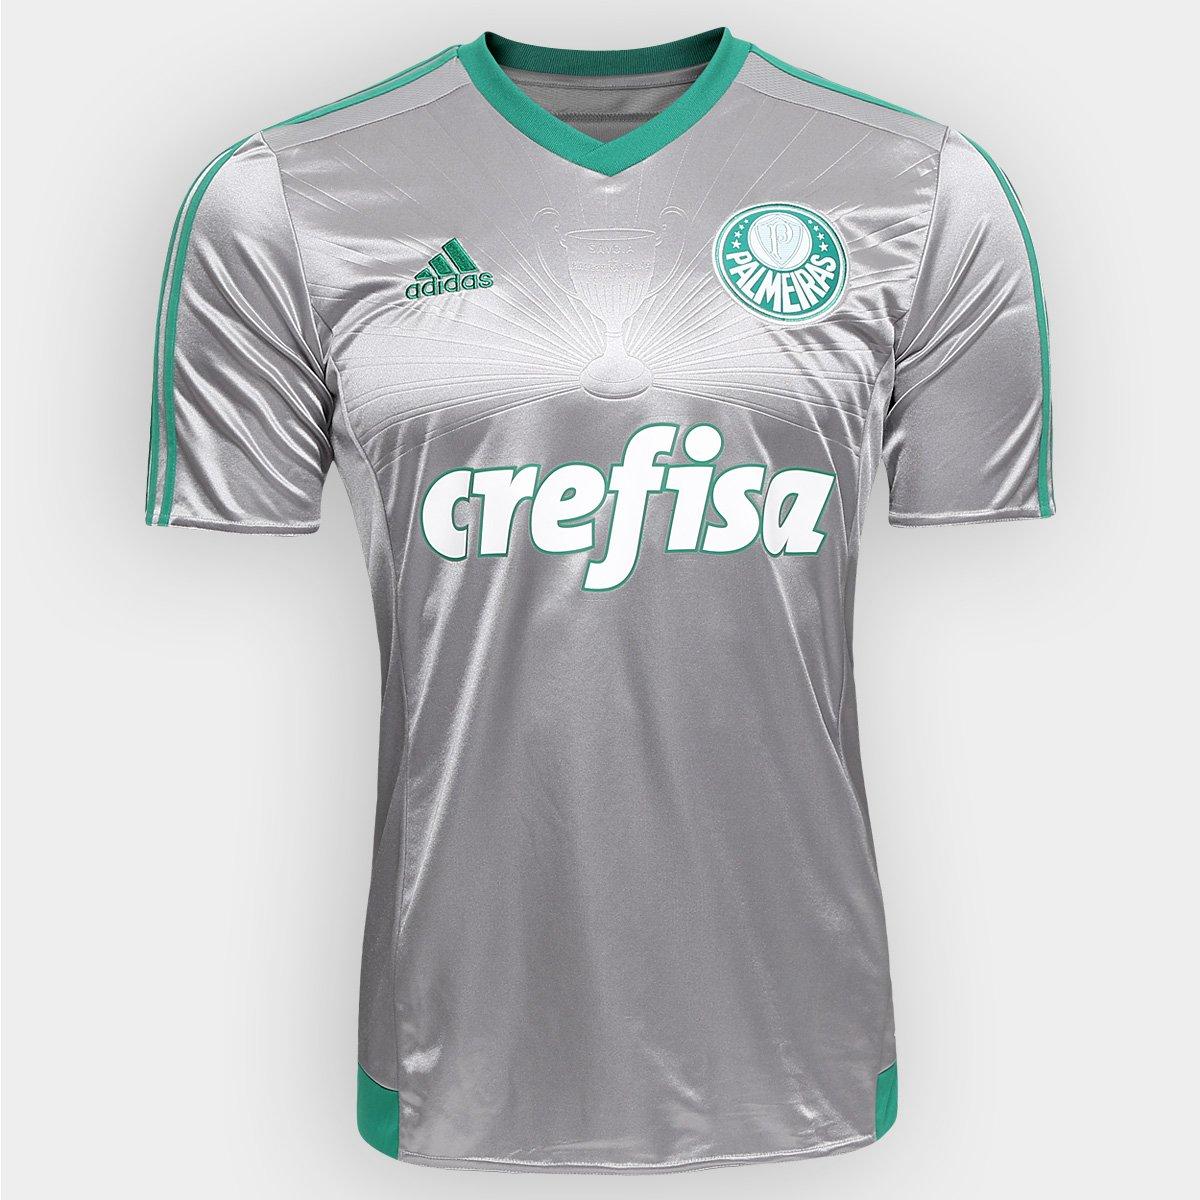 Camisa Adidas Palmeiras III 2015 s nº - Torcedor - Compre Agora ... b63f162a06086